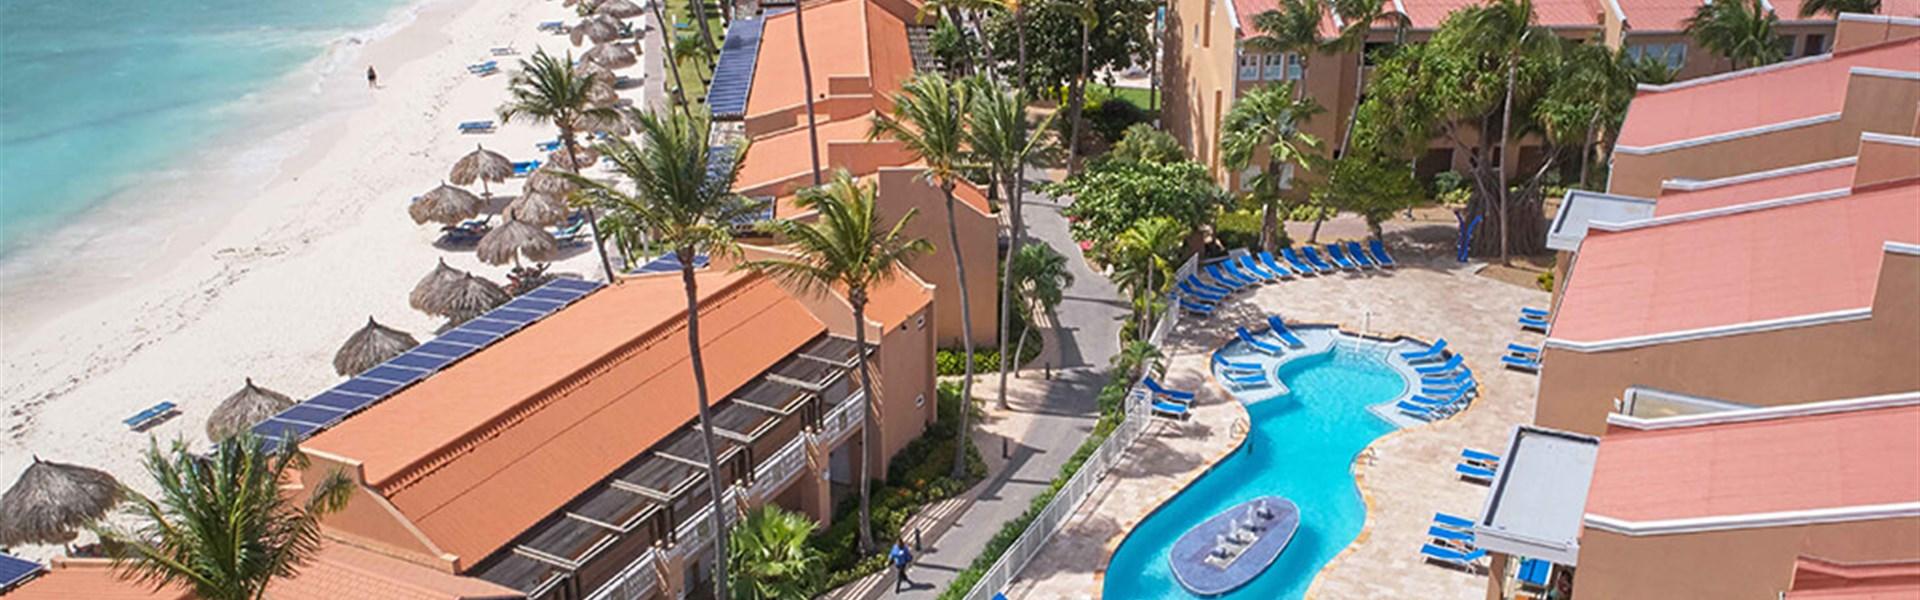 Divi Dutch Village Beach Resort -